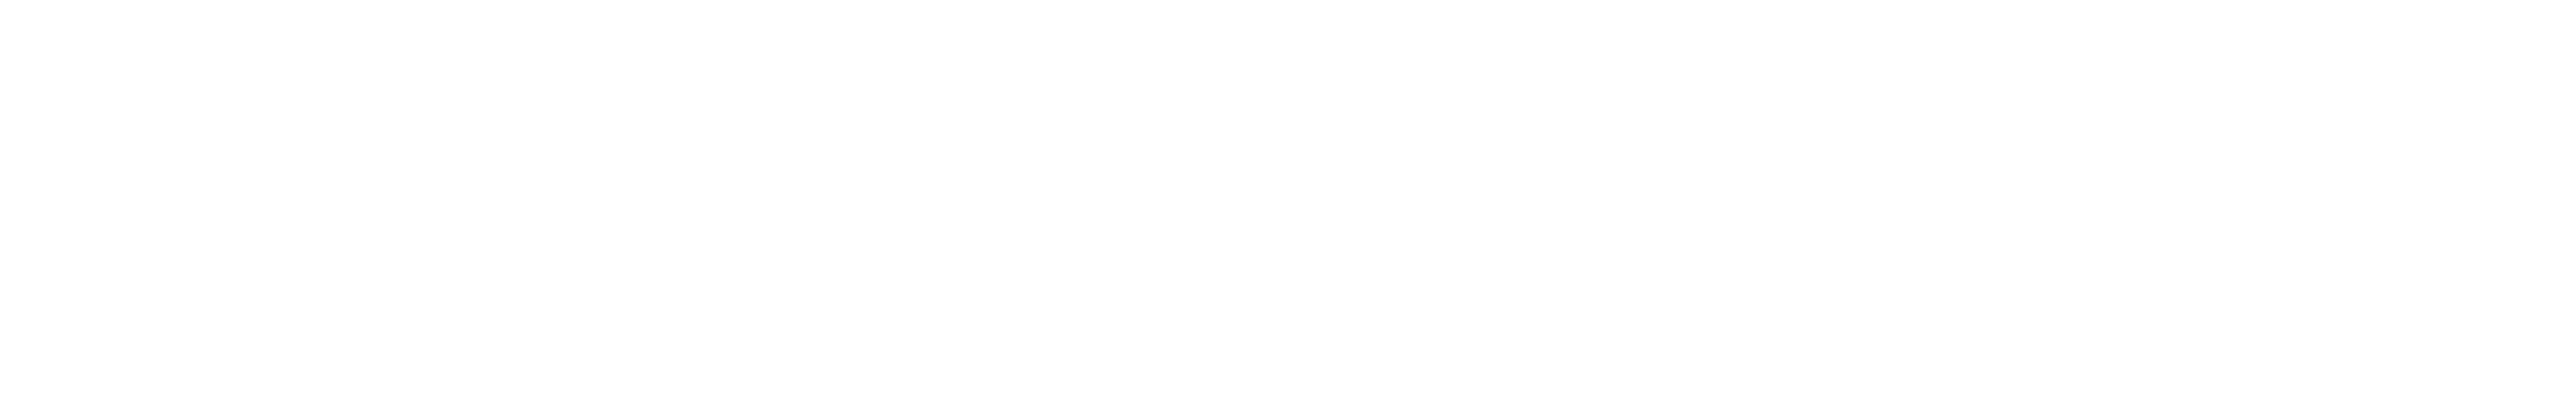 Teamcentre